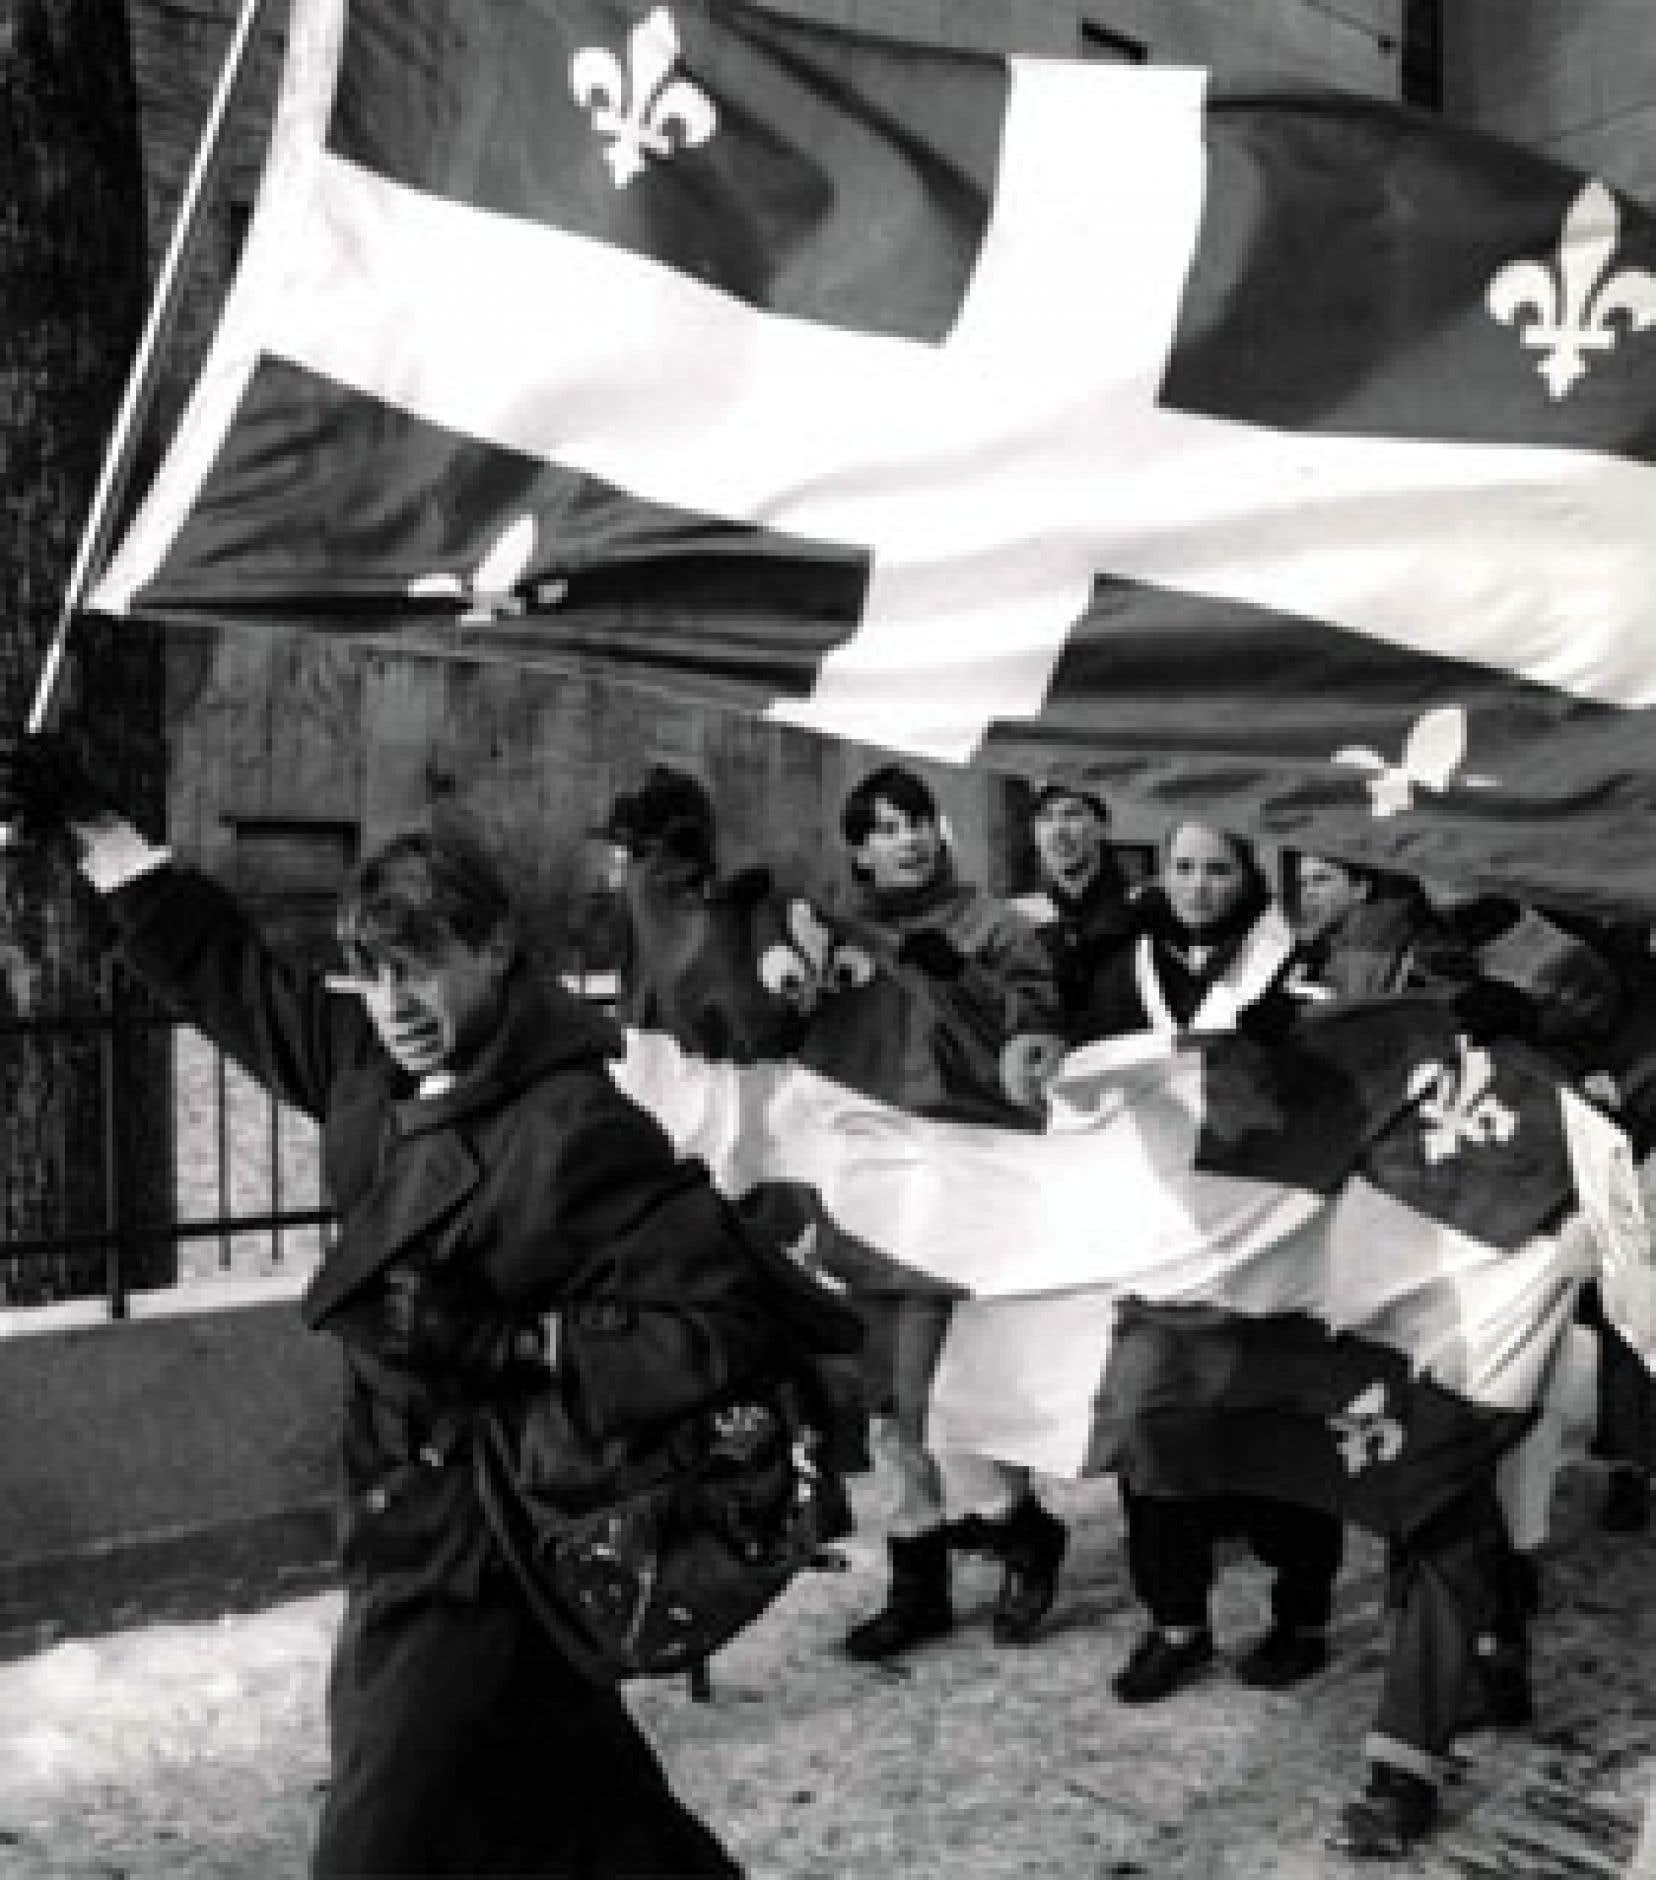 Nombreuses ont été les manifestations (dont celle-ci à Montréal en 1988) pour protester contre les «attaques» auxquelles a été soumise la loi 101 au fil des ans en invoquant la Charte canadienne des droits.